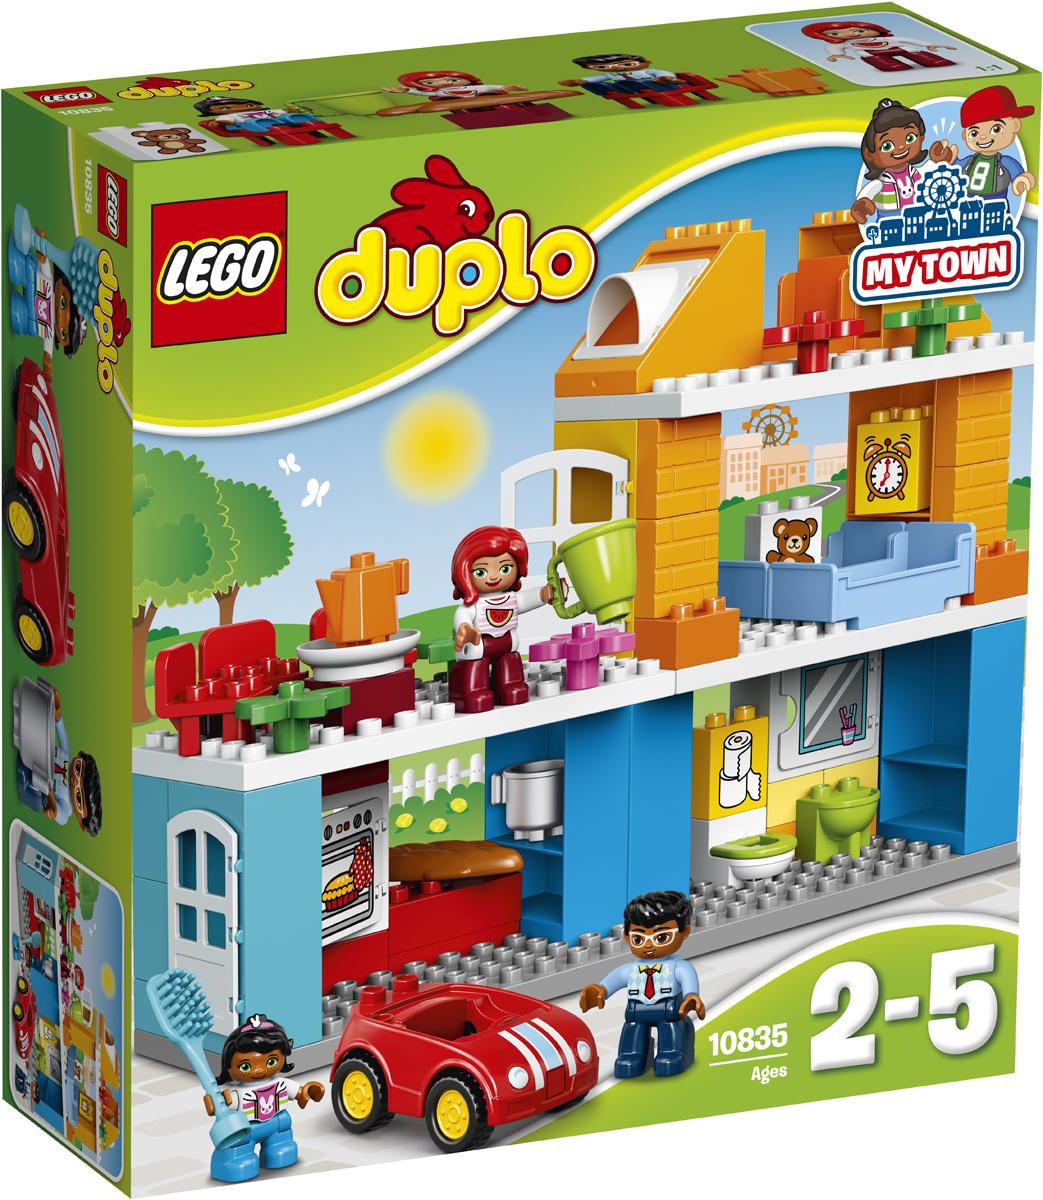 LEGO DUPLO Конструктор Семейный дом 10835 lego duplo конструктор гоночный автомобиль 10589